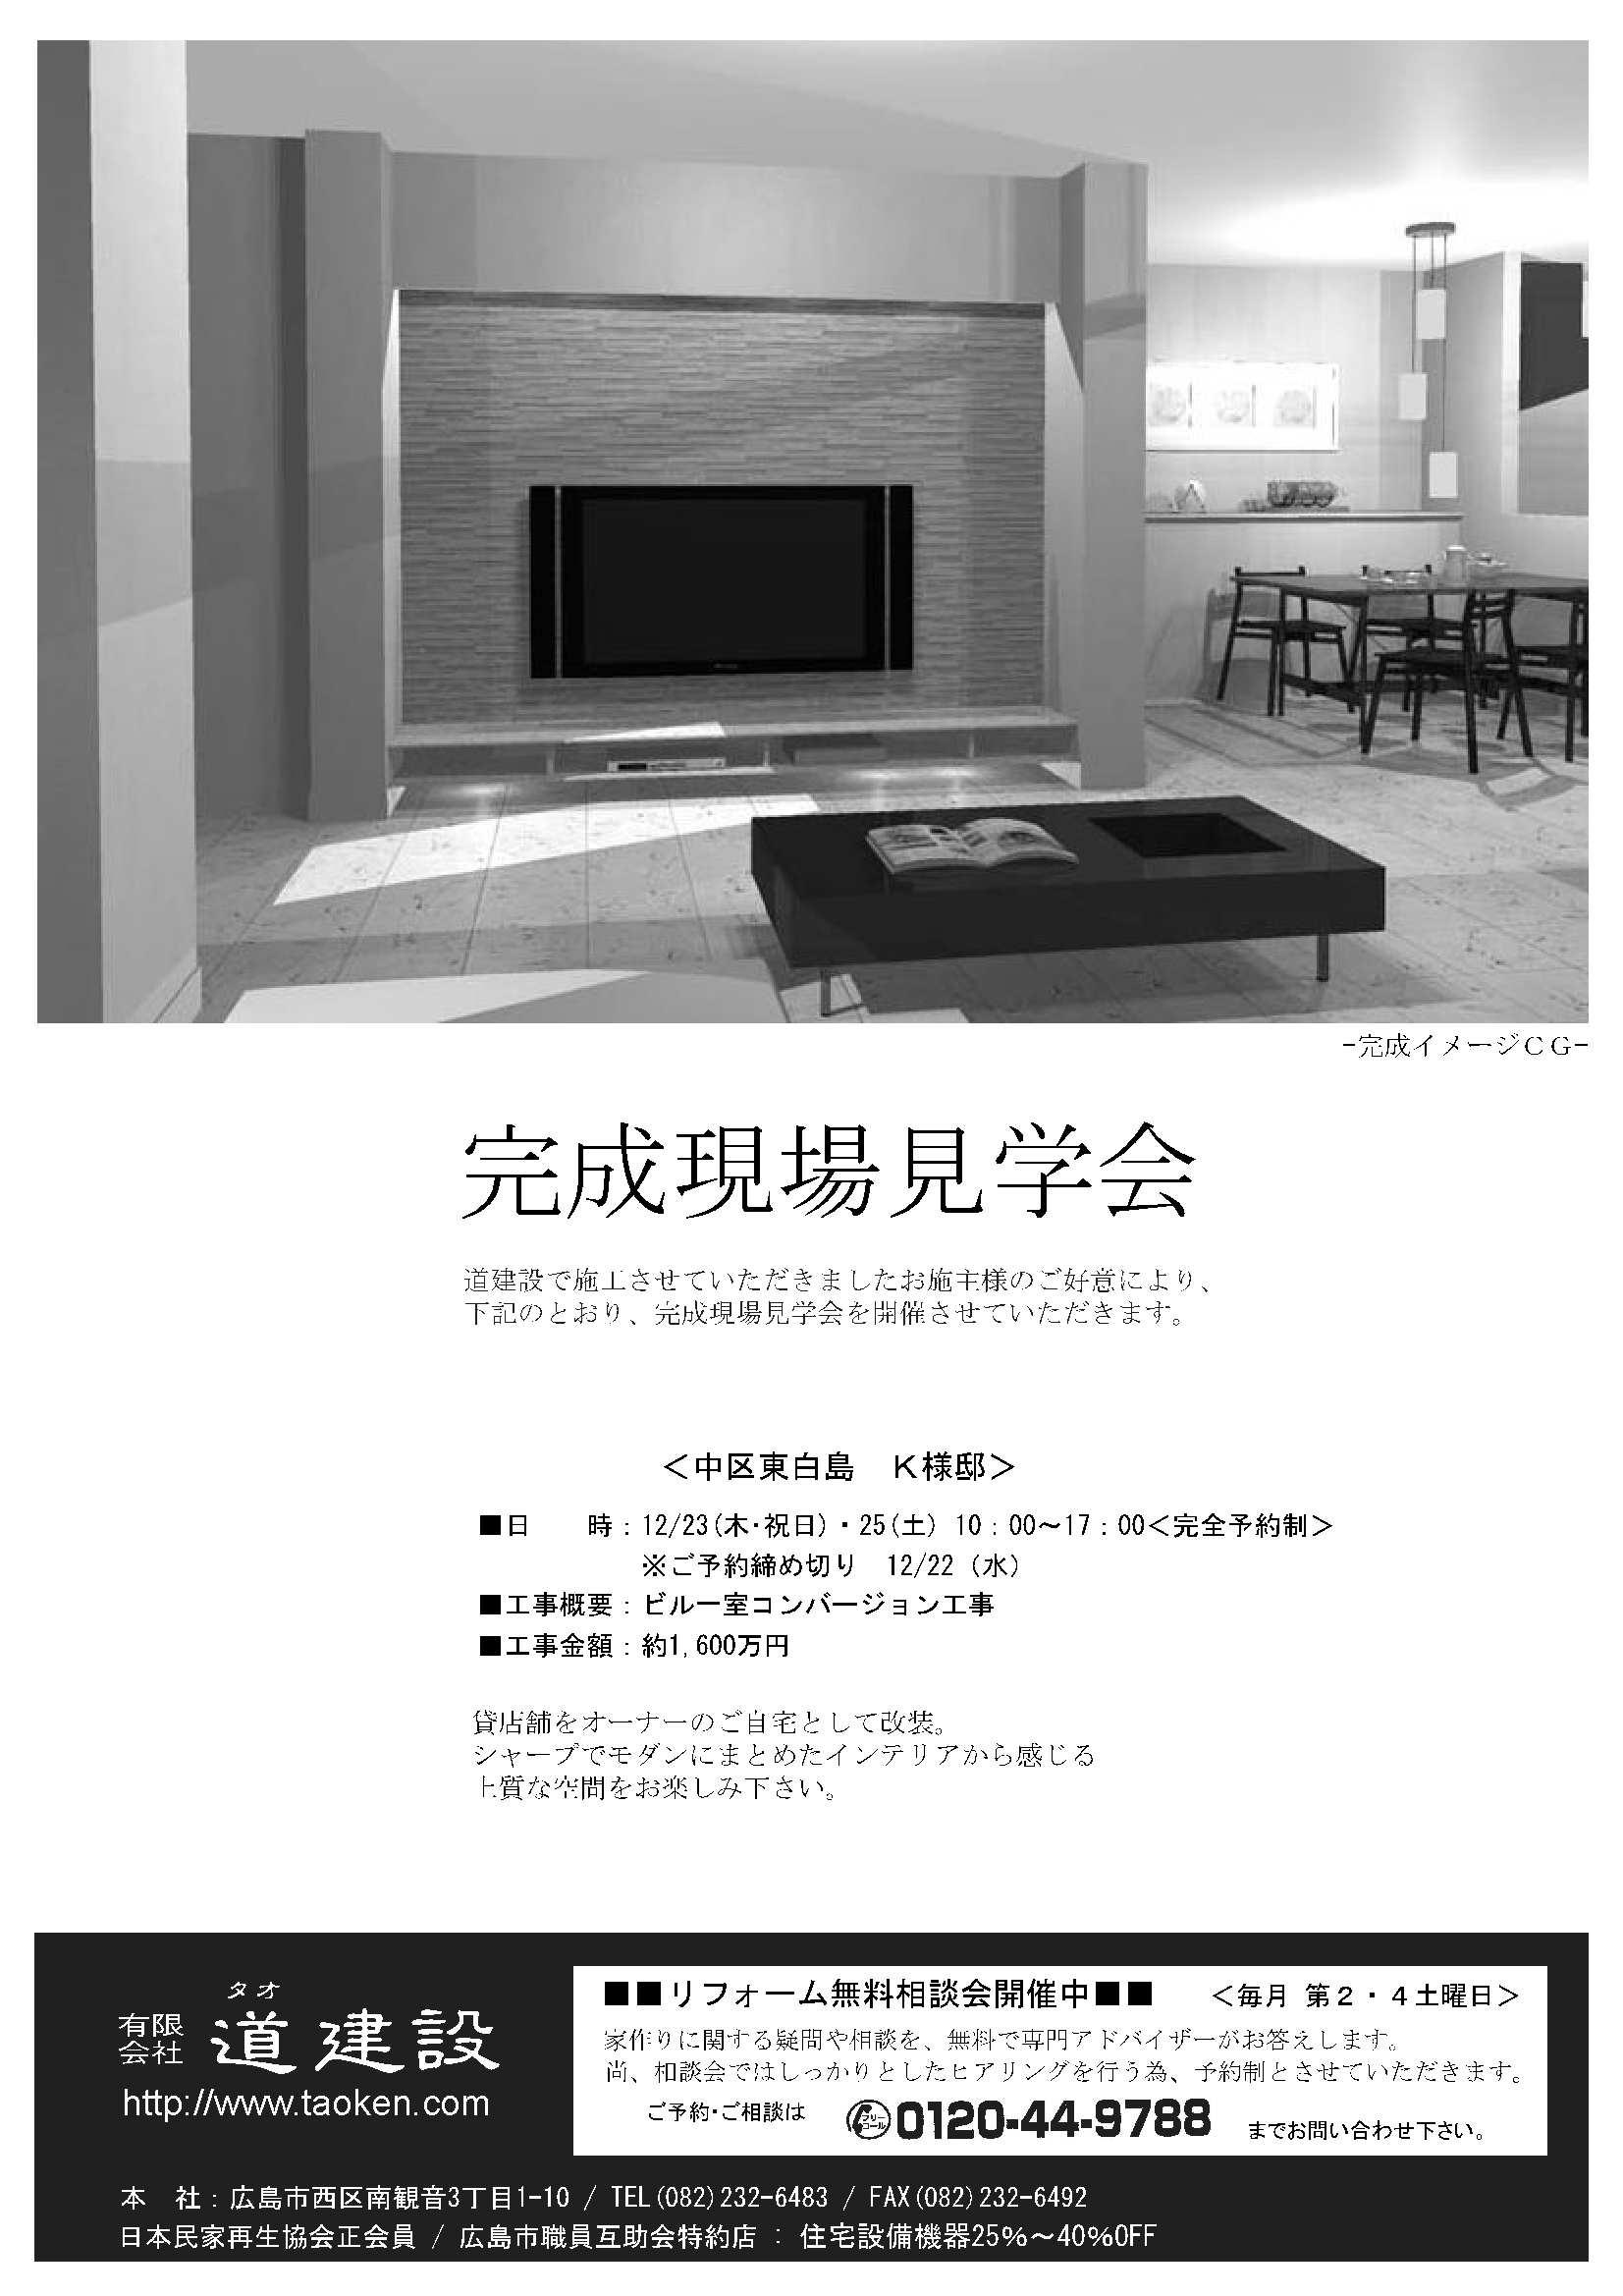 ビルの貸事務所スペースをオーナー宅へ_b0078597_21515777.jpg